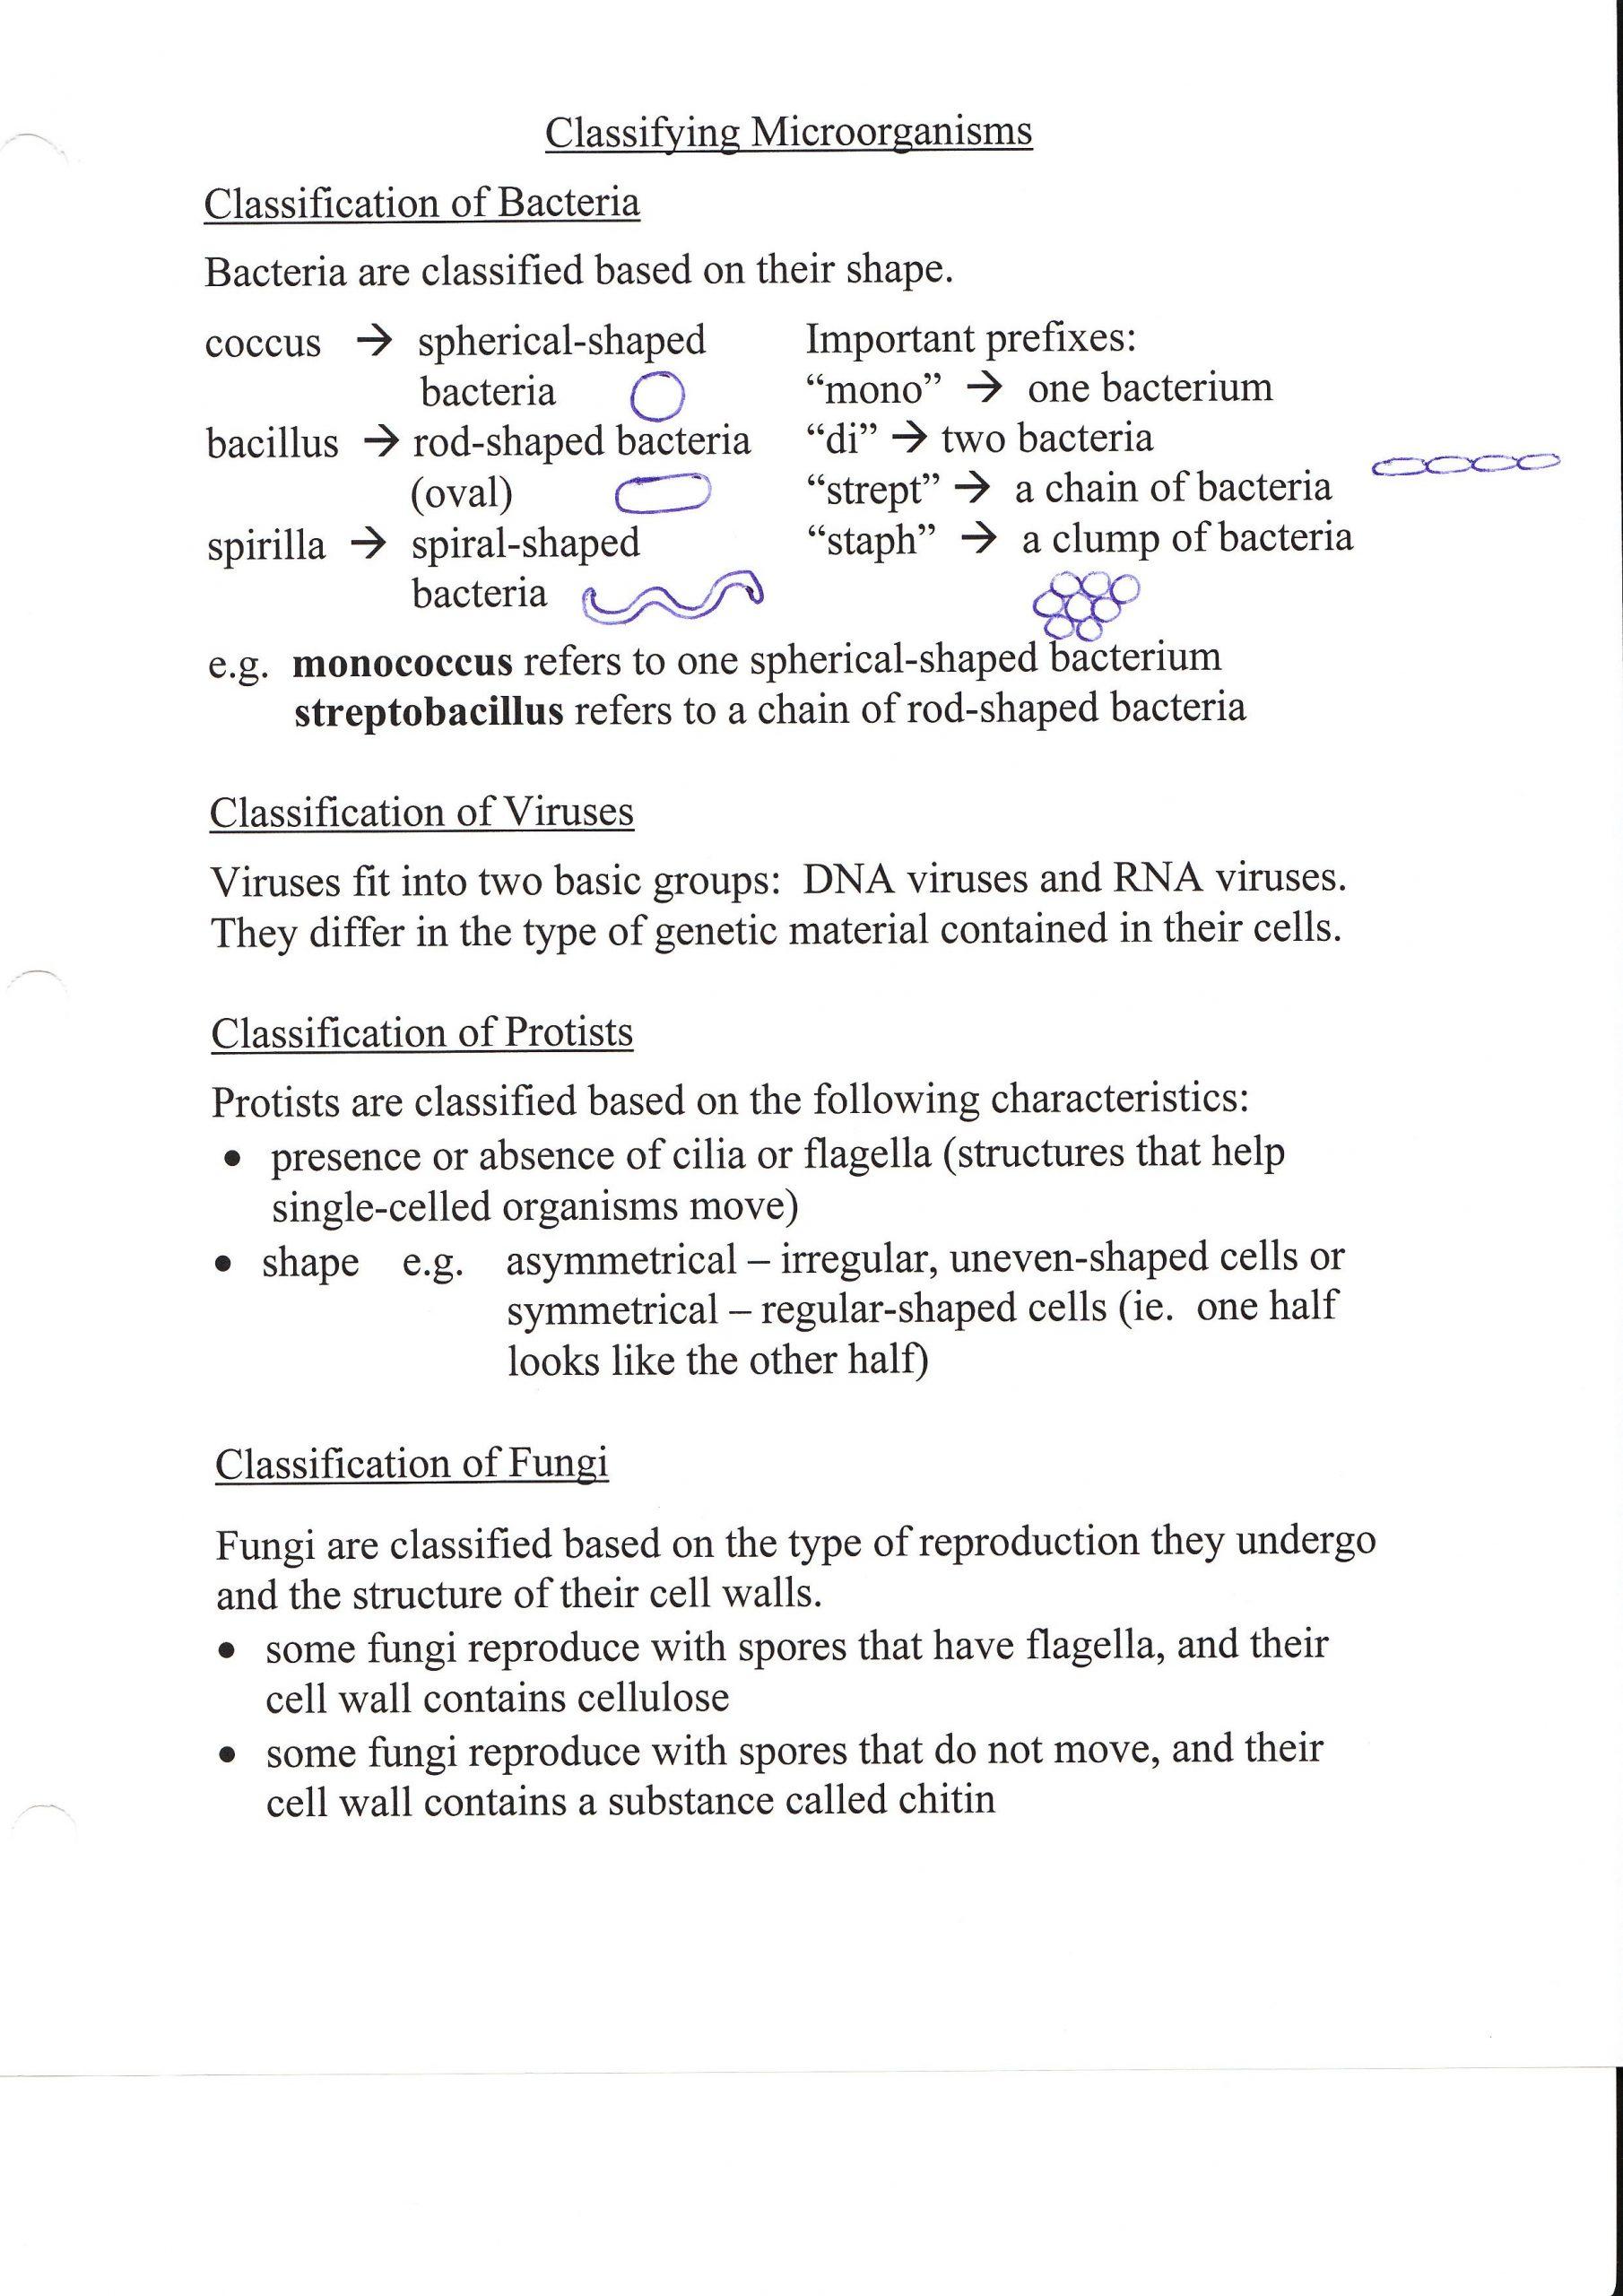 Virus and Bacteria Worksheet 31 Chapter 18 Viruses and Bacteria Worksheet Answer Key